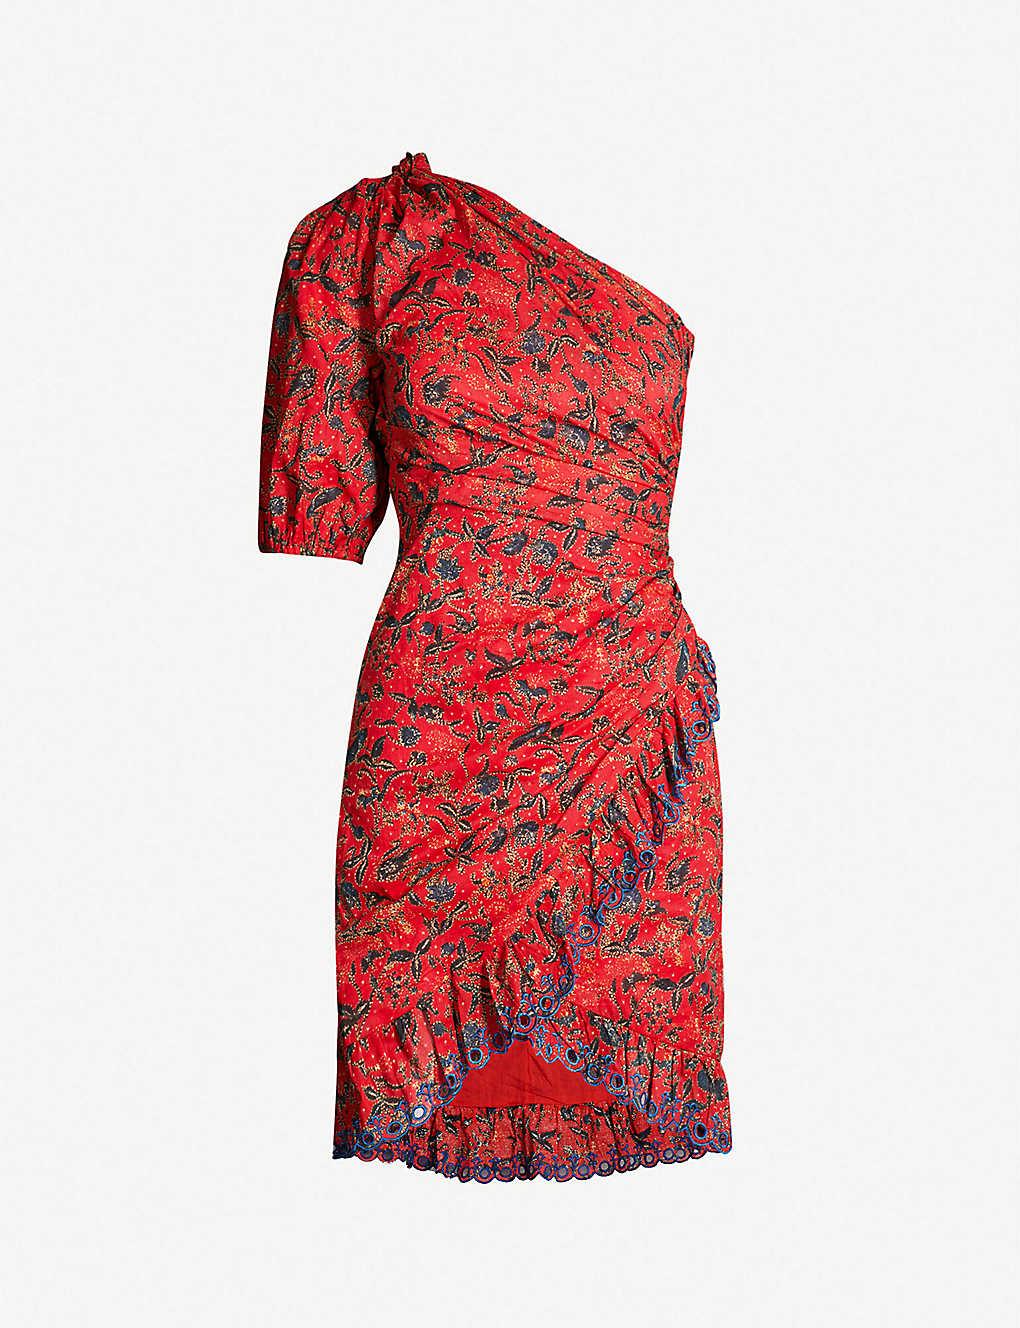 91c39b9516d ISABEL MARANT ETOILE - Esther one-shoulder cotton dress | Selfridges.com